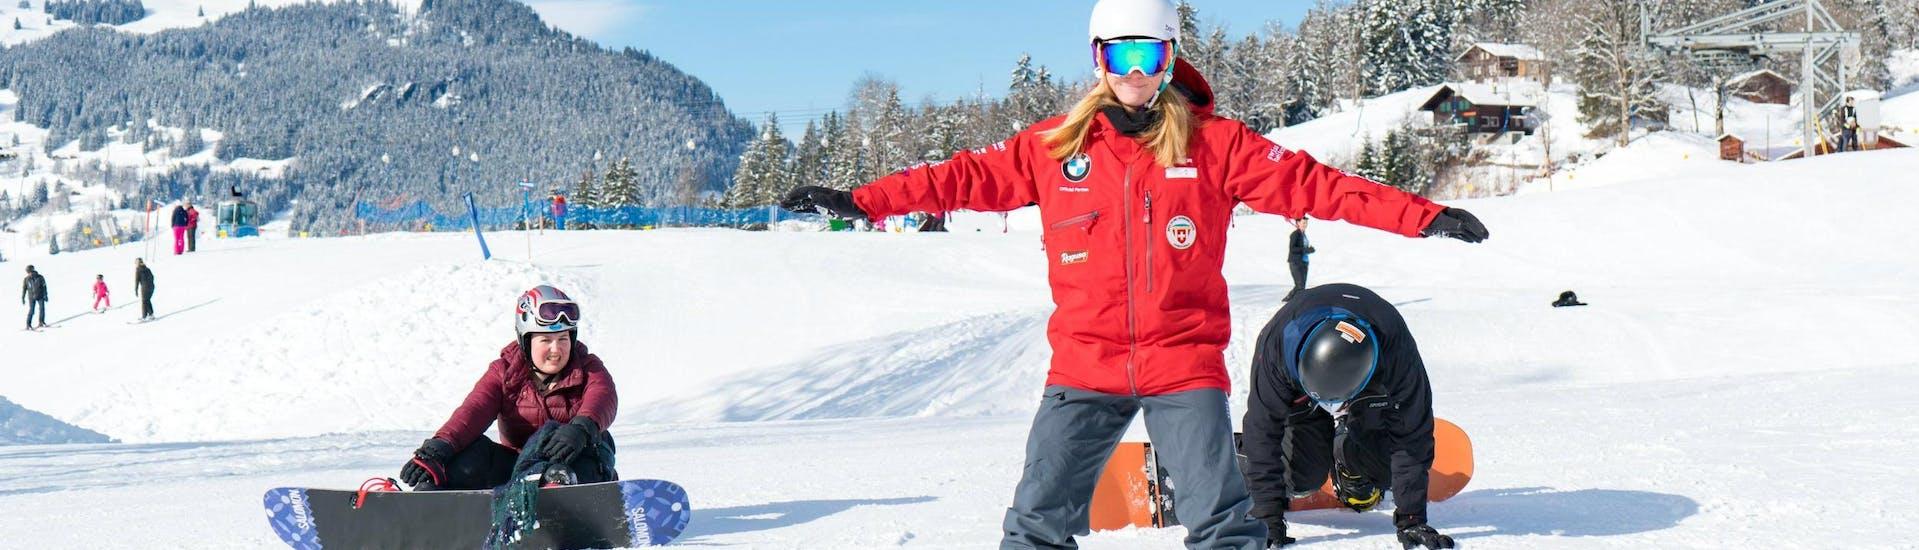 Curso de snowboard privado para todos los niveles